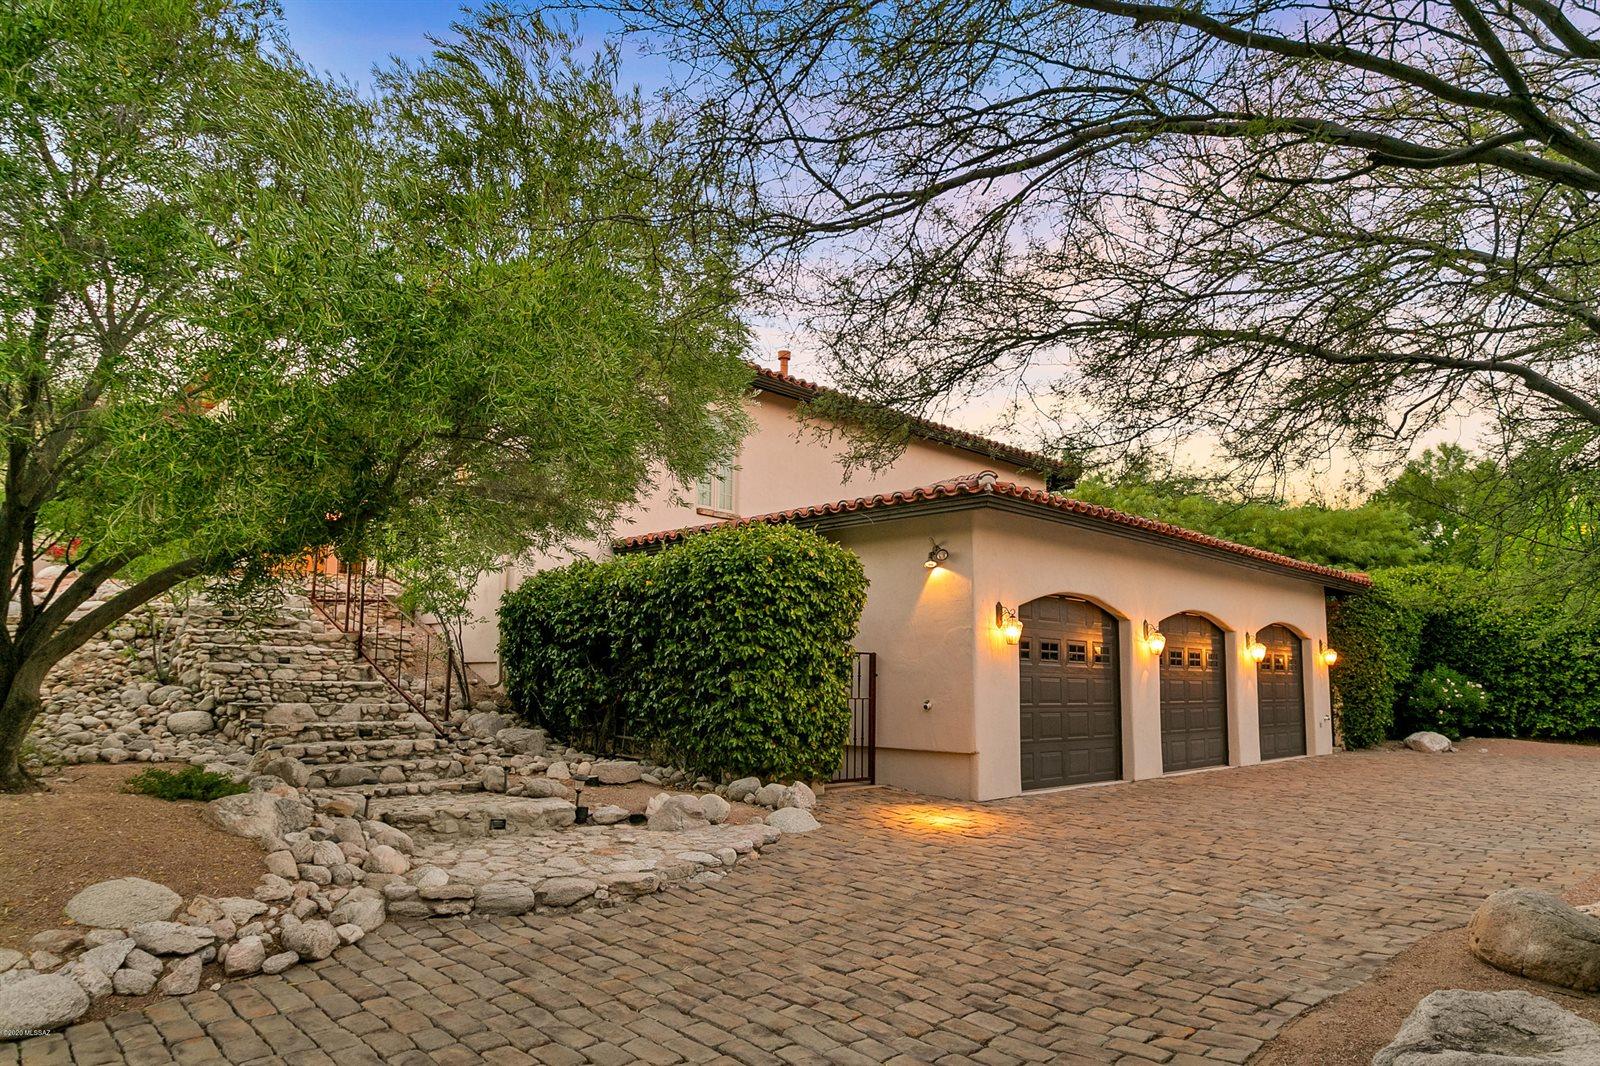 8445 East Hilldale Place, Tucson, AZ 85750